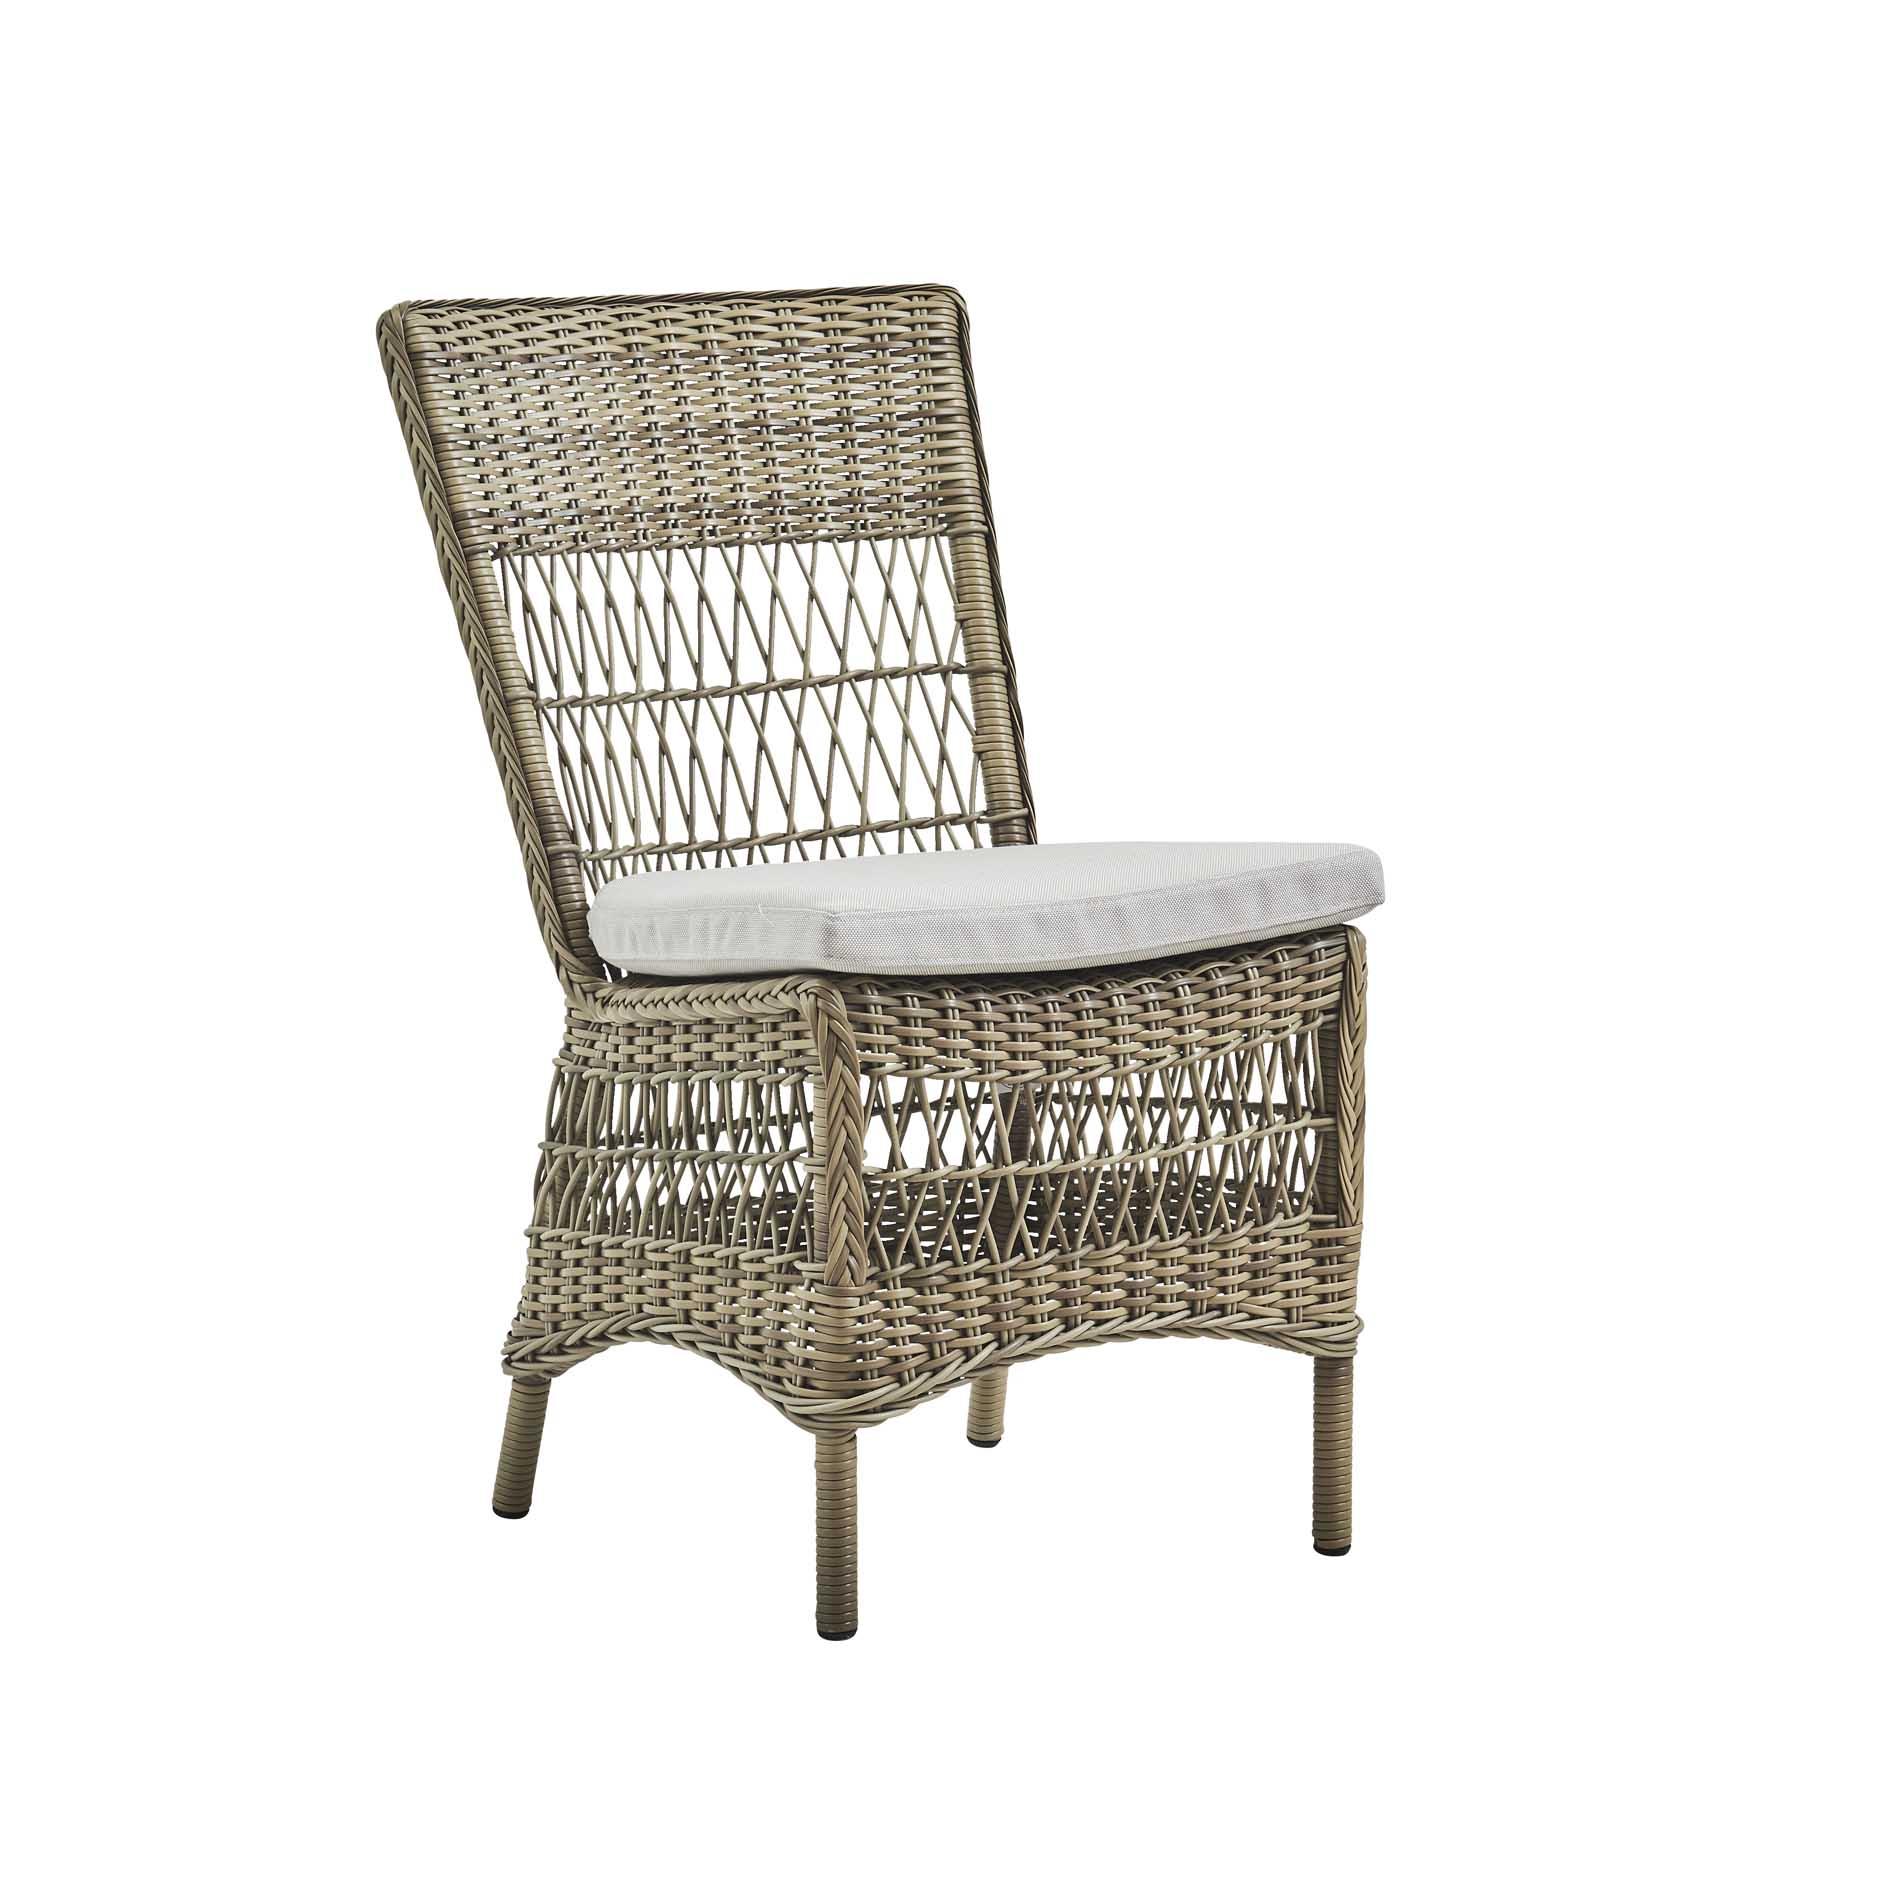 Chaise repas en aluminium et fibre synthétique taupe et coussin blanc